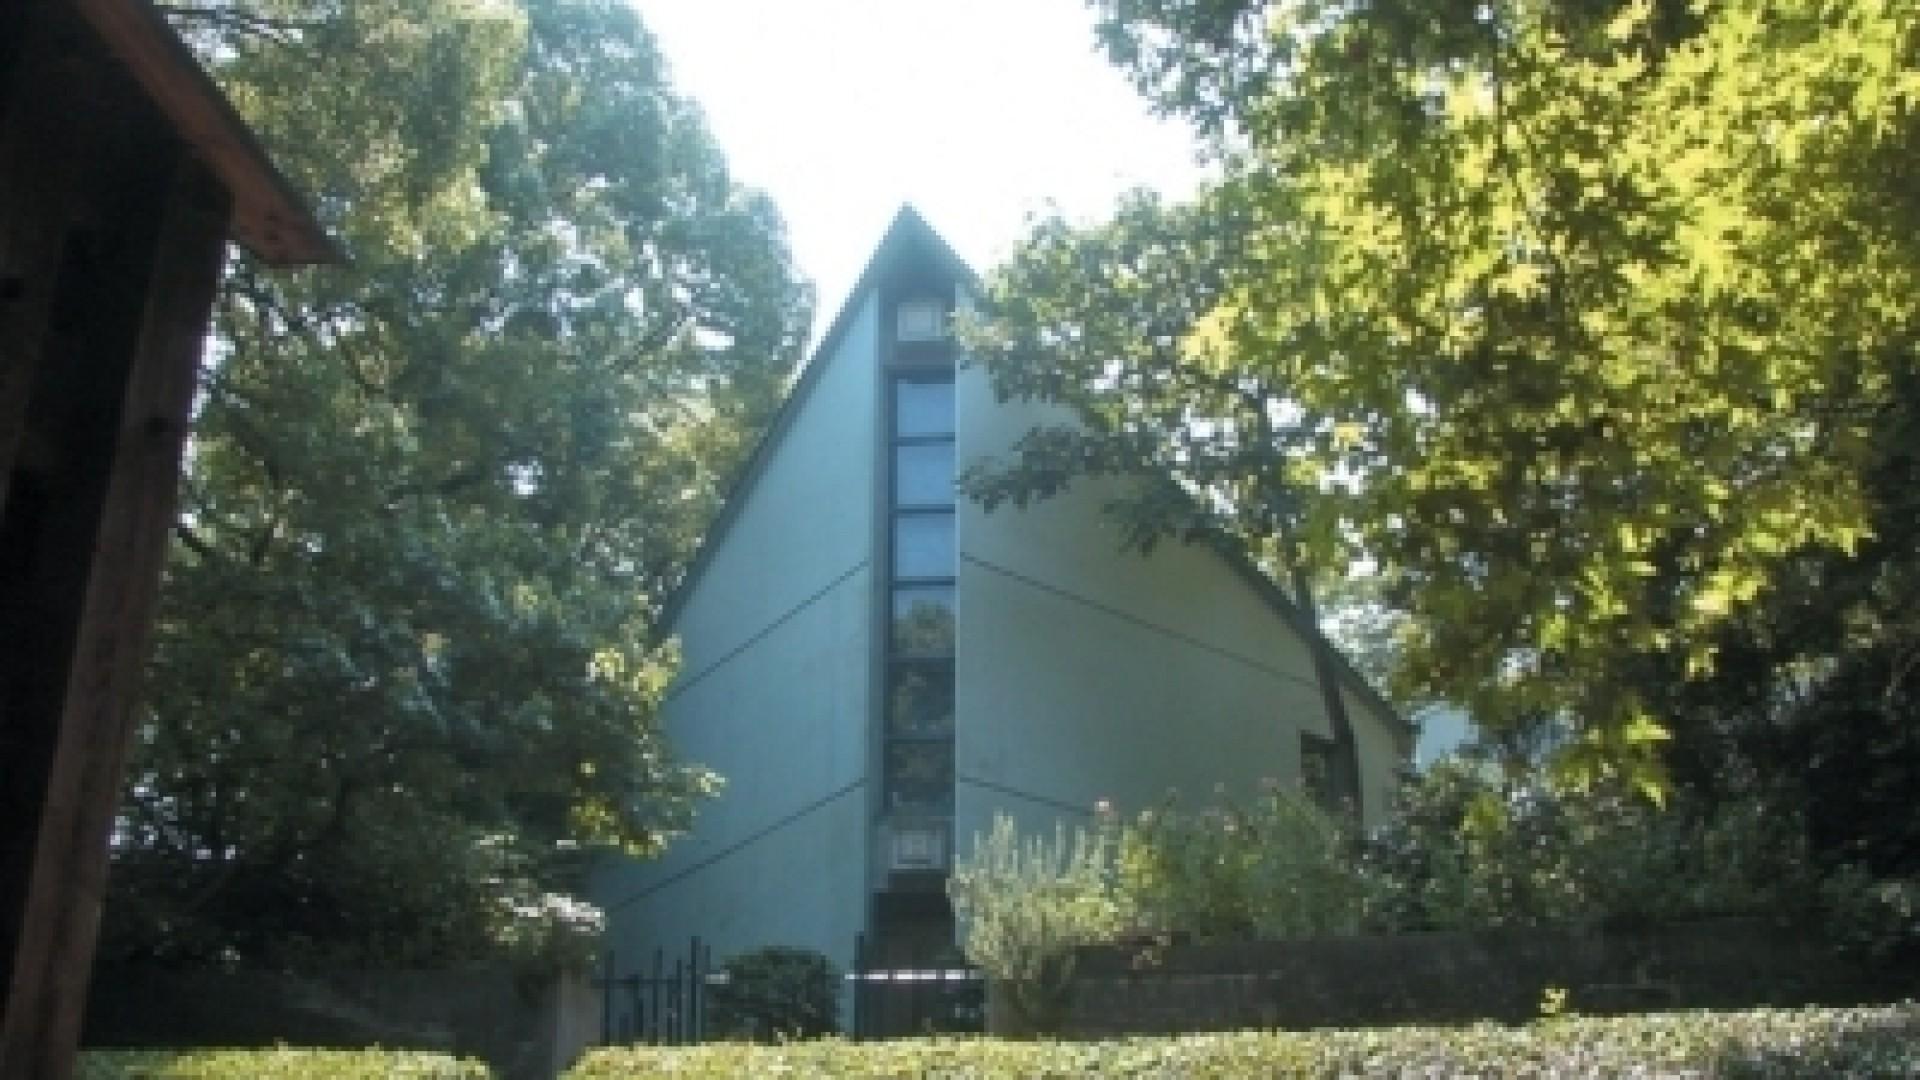 อาคารอนุสรณ์สะวะดะ-มิกิ